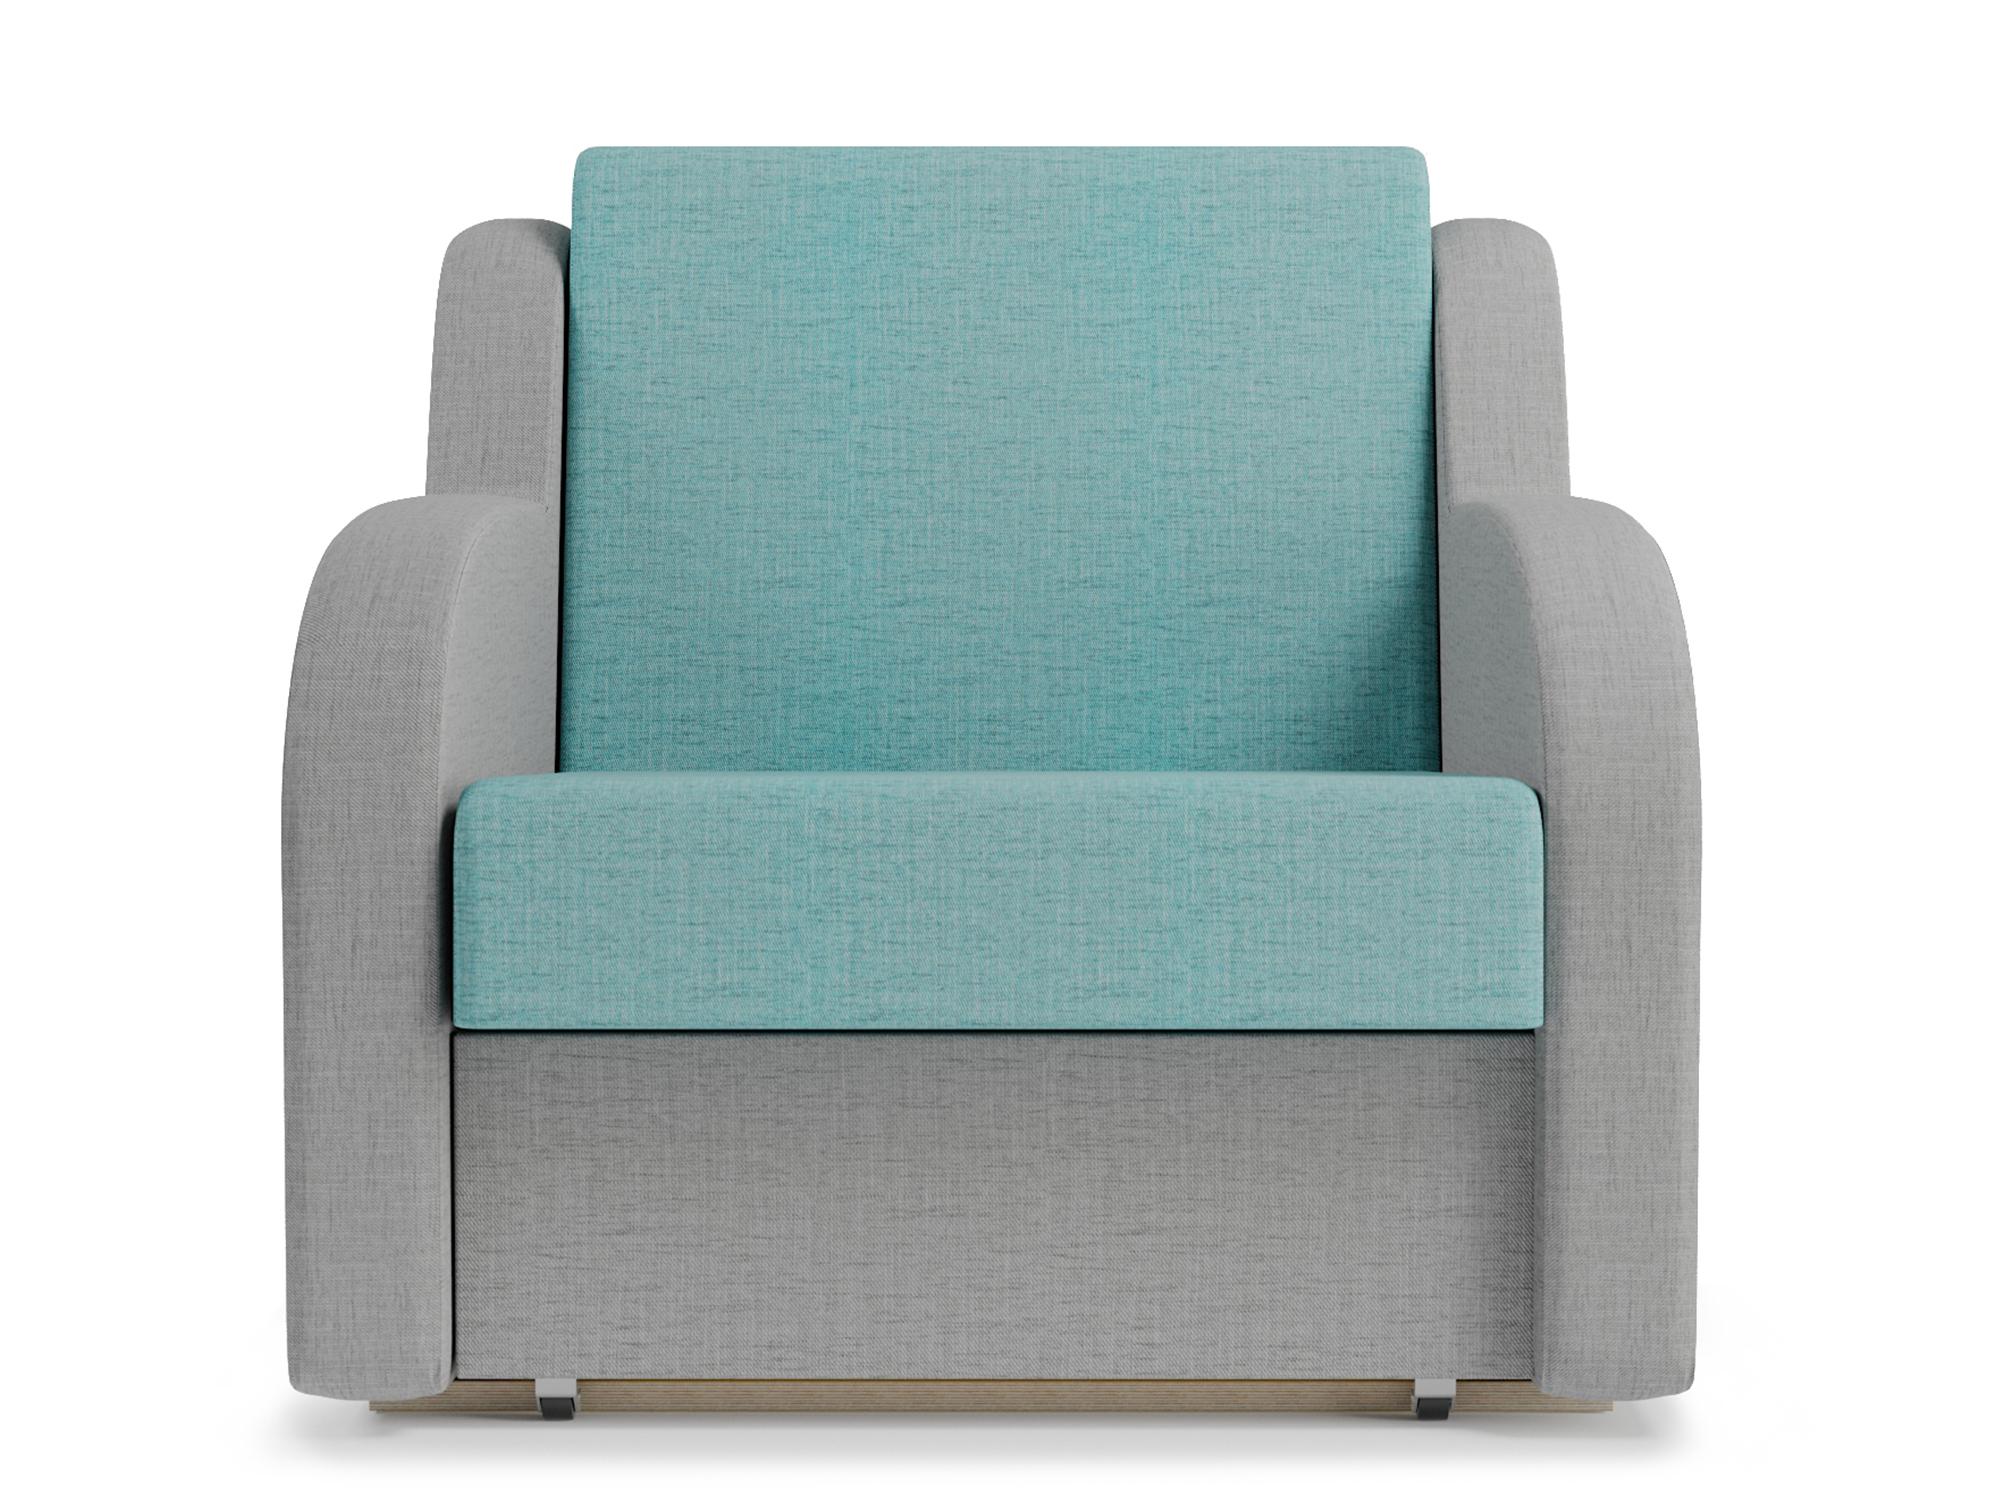 Кресло-кровать Ремикс 1 MebelVia Серый, Голубой, Рогожка, Массив, ЛДСП,